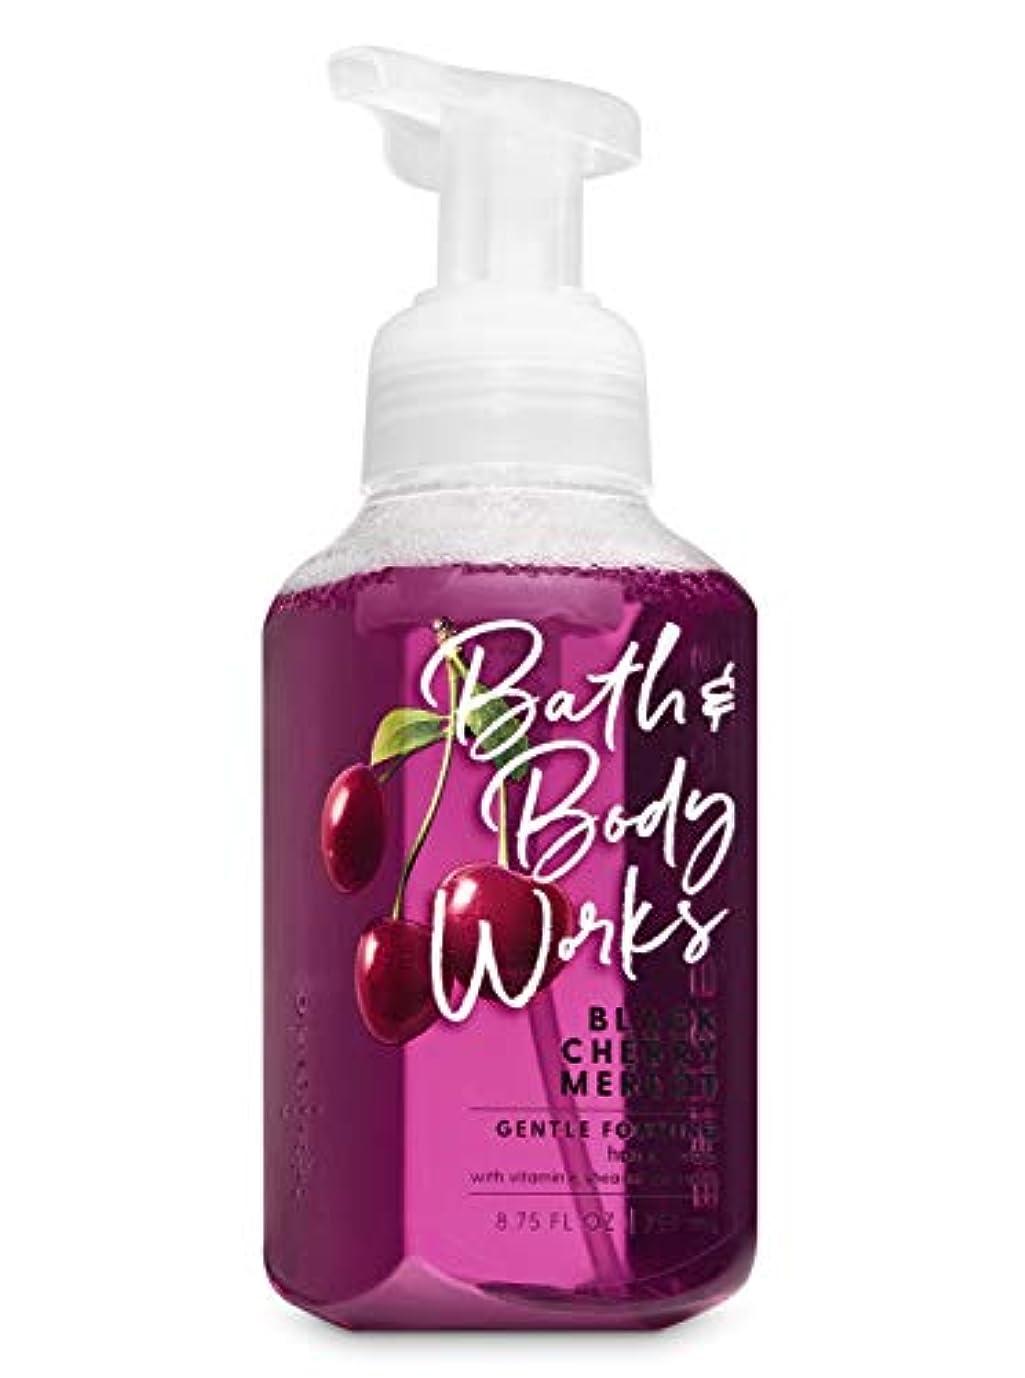 該当する不機嫌そうな悩みバス&ボディワークス ブラックチェリー マーロット ジェントル フォーミング ハンドソープ Black Cherry Merlot Gentle Foaming Hand Soap